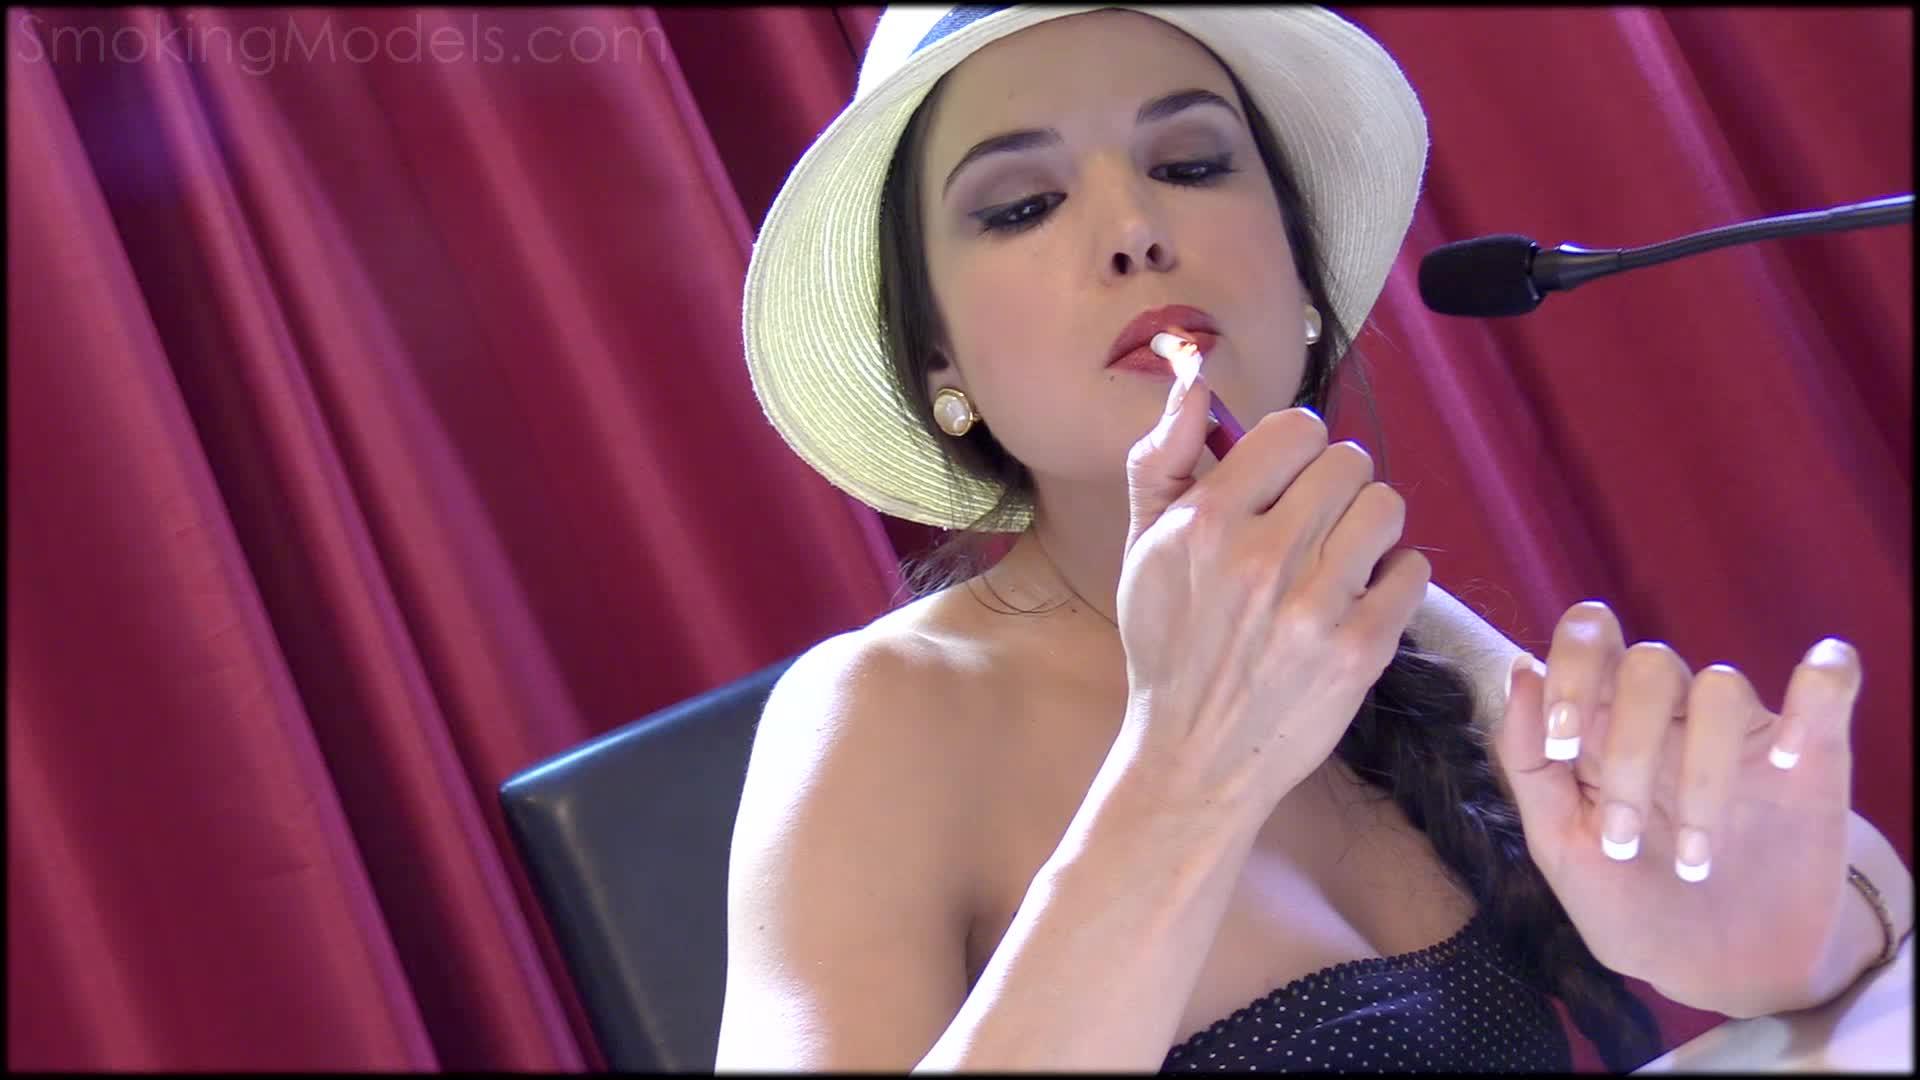 Porno smoking Smoking